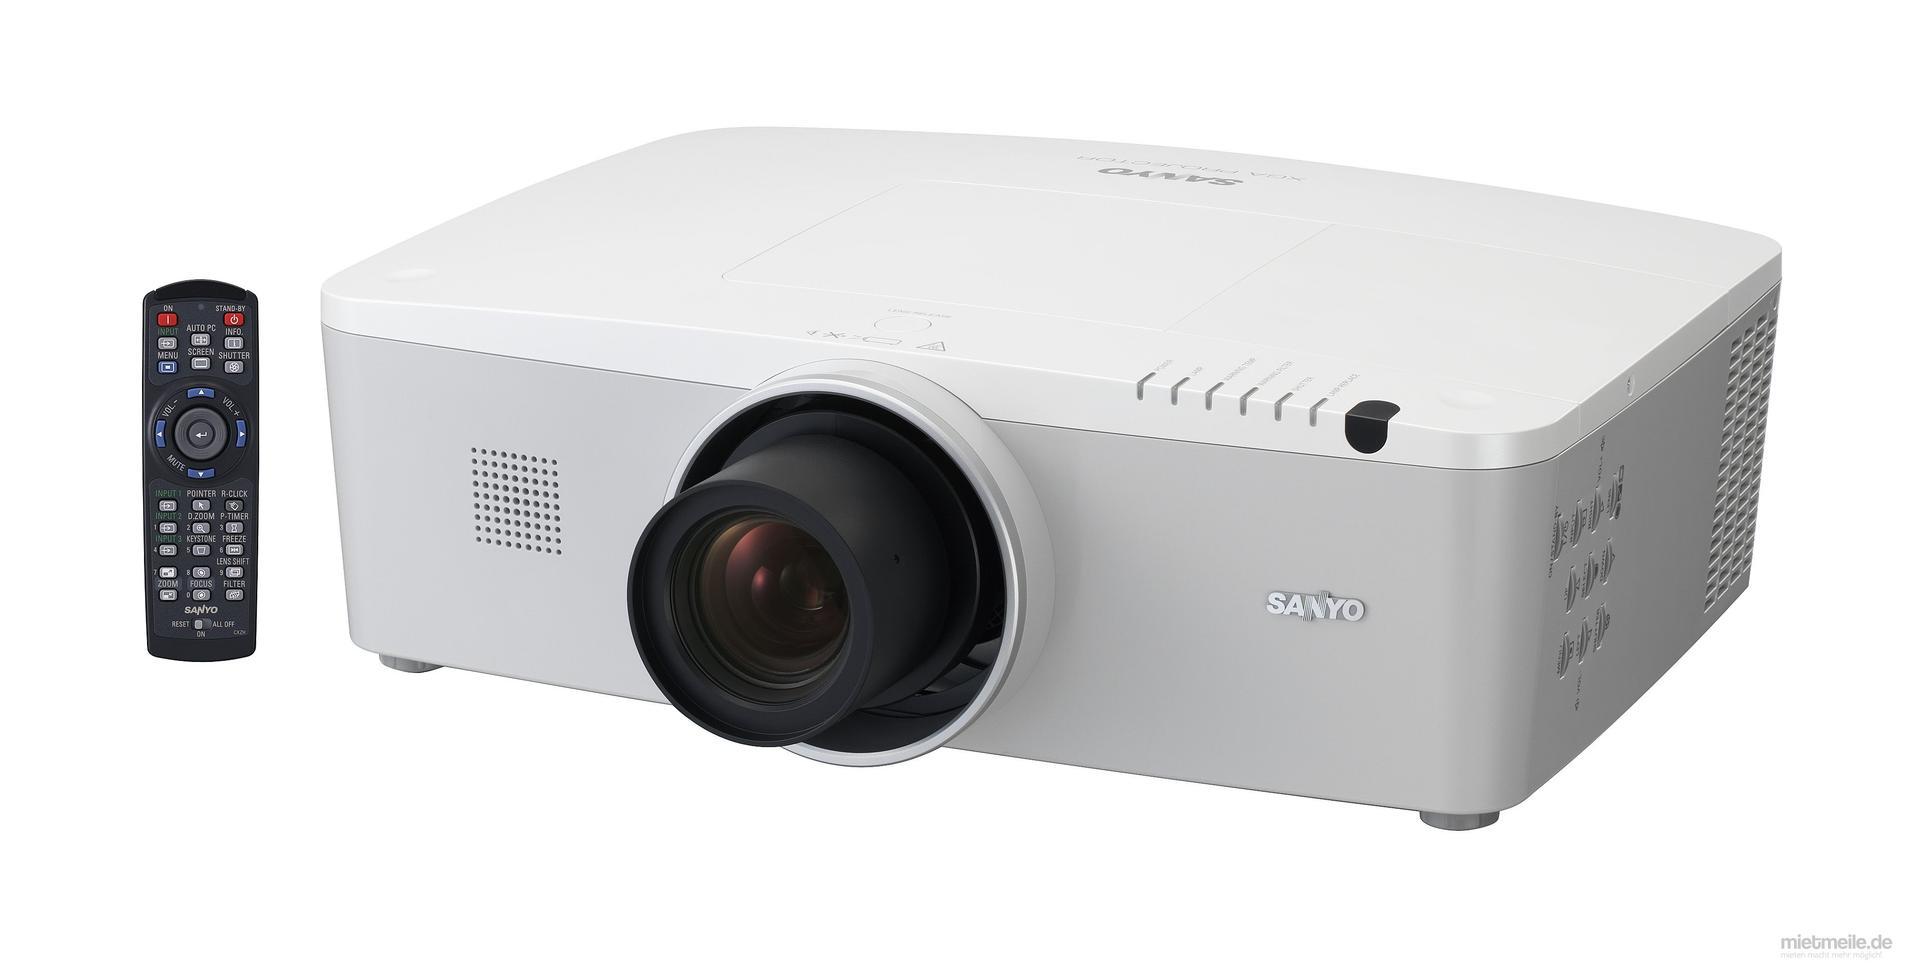 Beamer mieten & vermieten - Beamer Sanyo PLC XM100L 5000 Ansilumen - Videobeamer  in Wismar